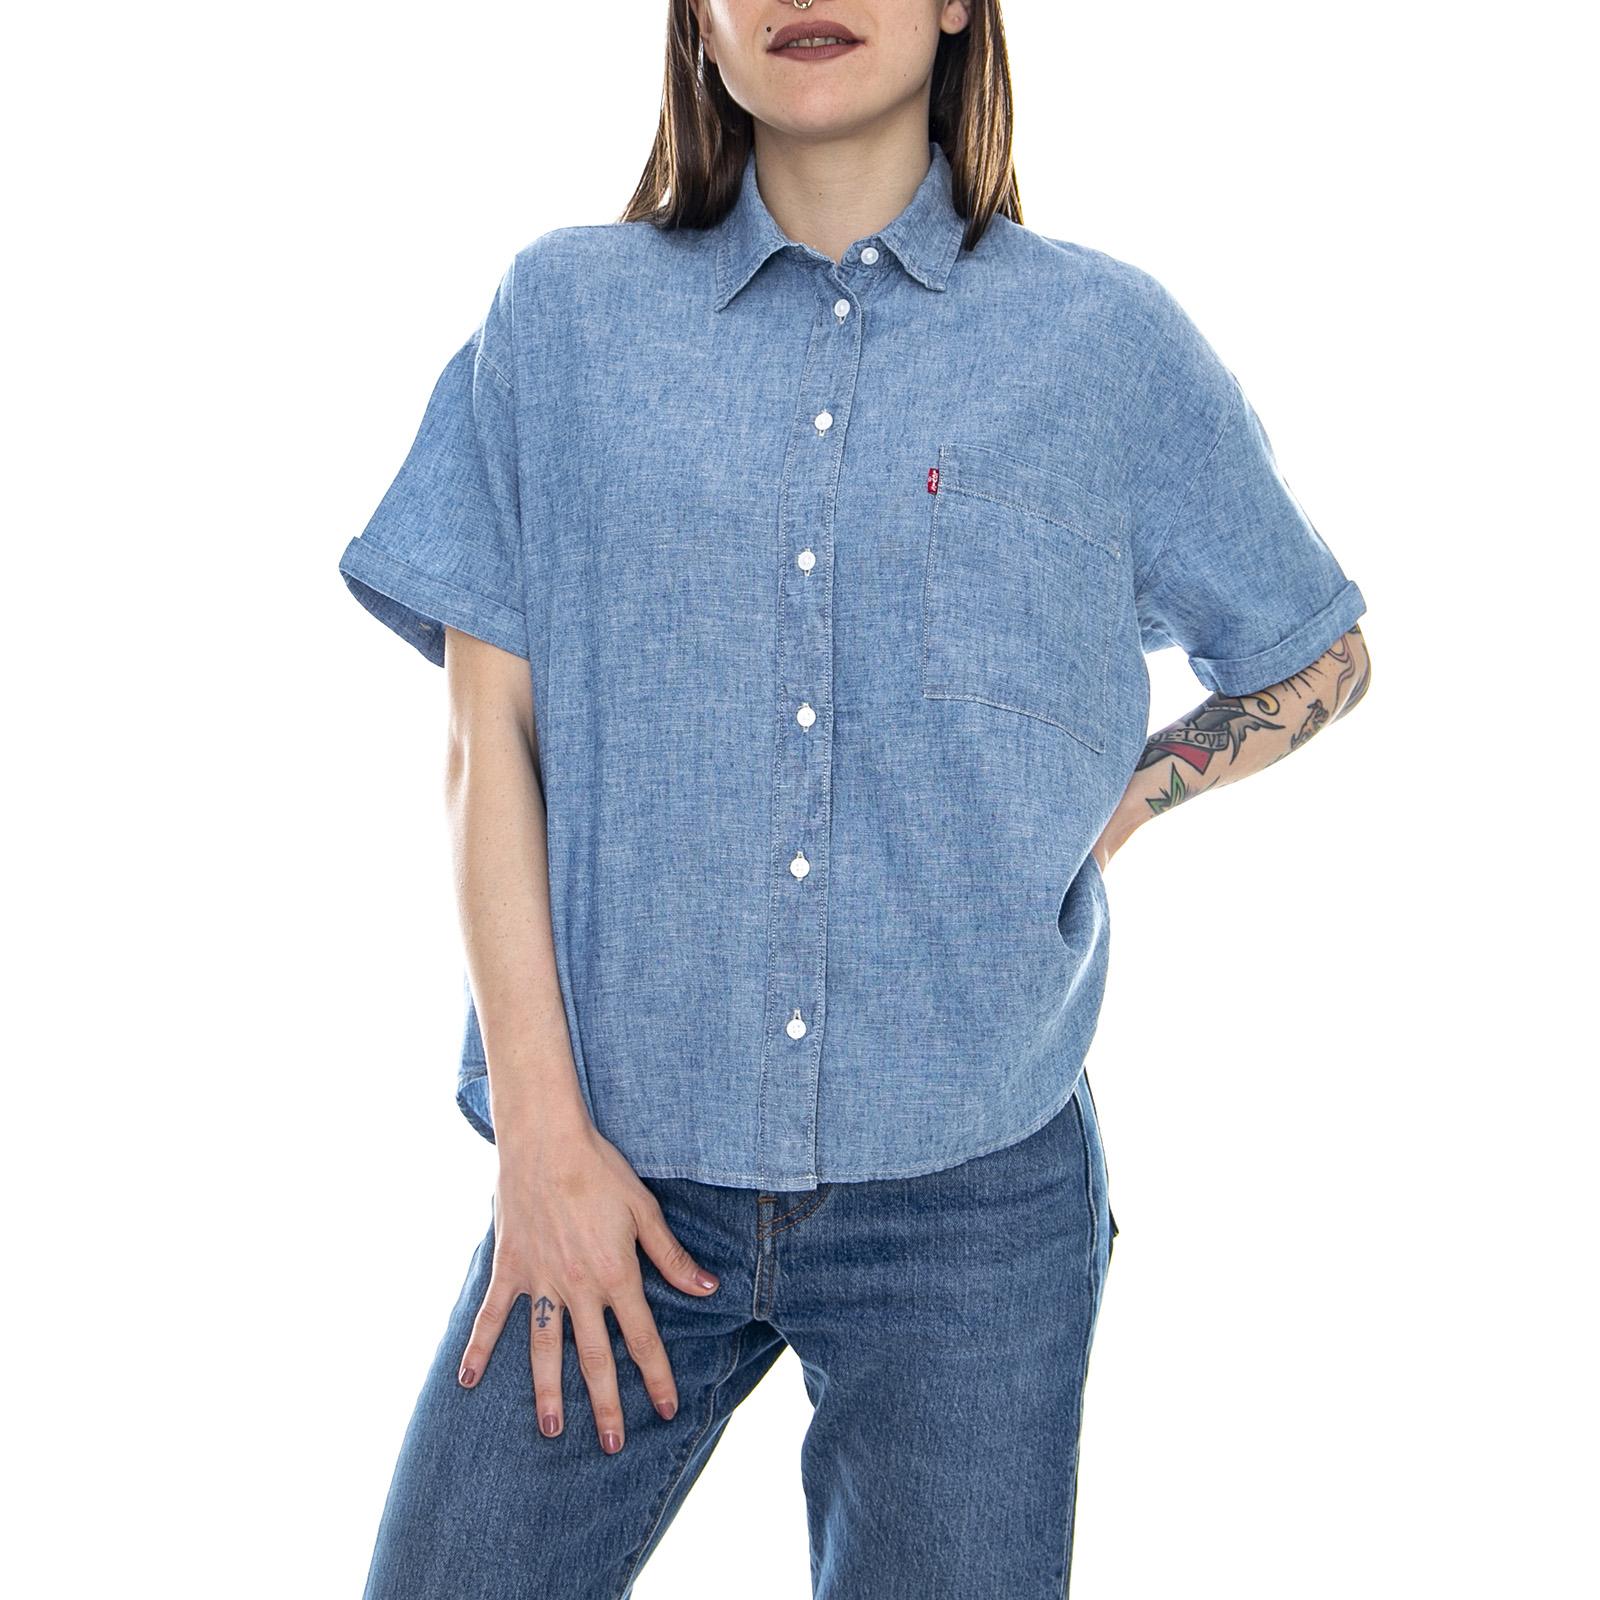 foto ufficiali 9fed2 a4839 Dettagli su Levis Maxine - Light Mid Blue - Camicia Maniche Corte Donna  Jeans / Denim